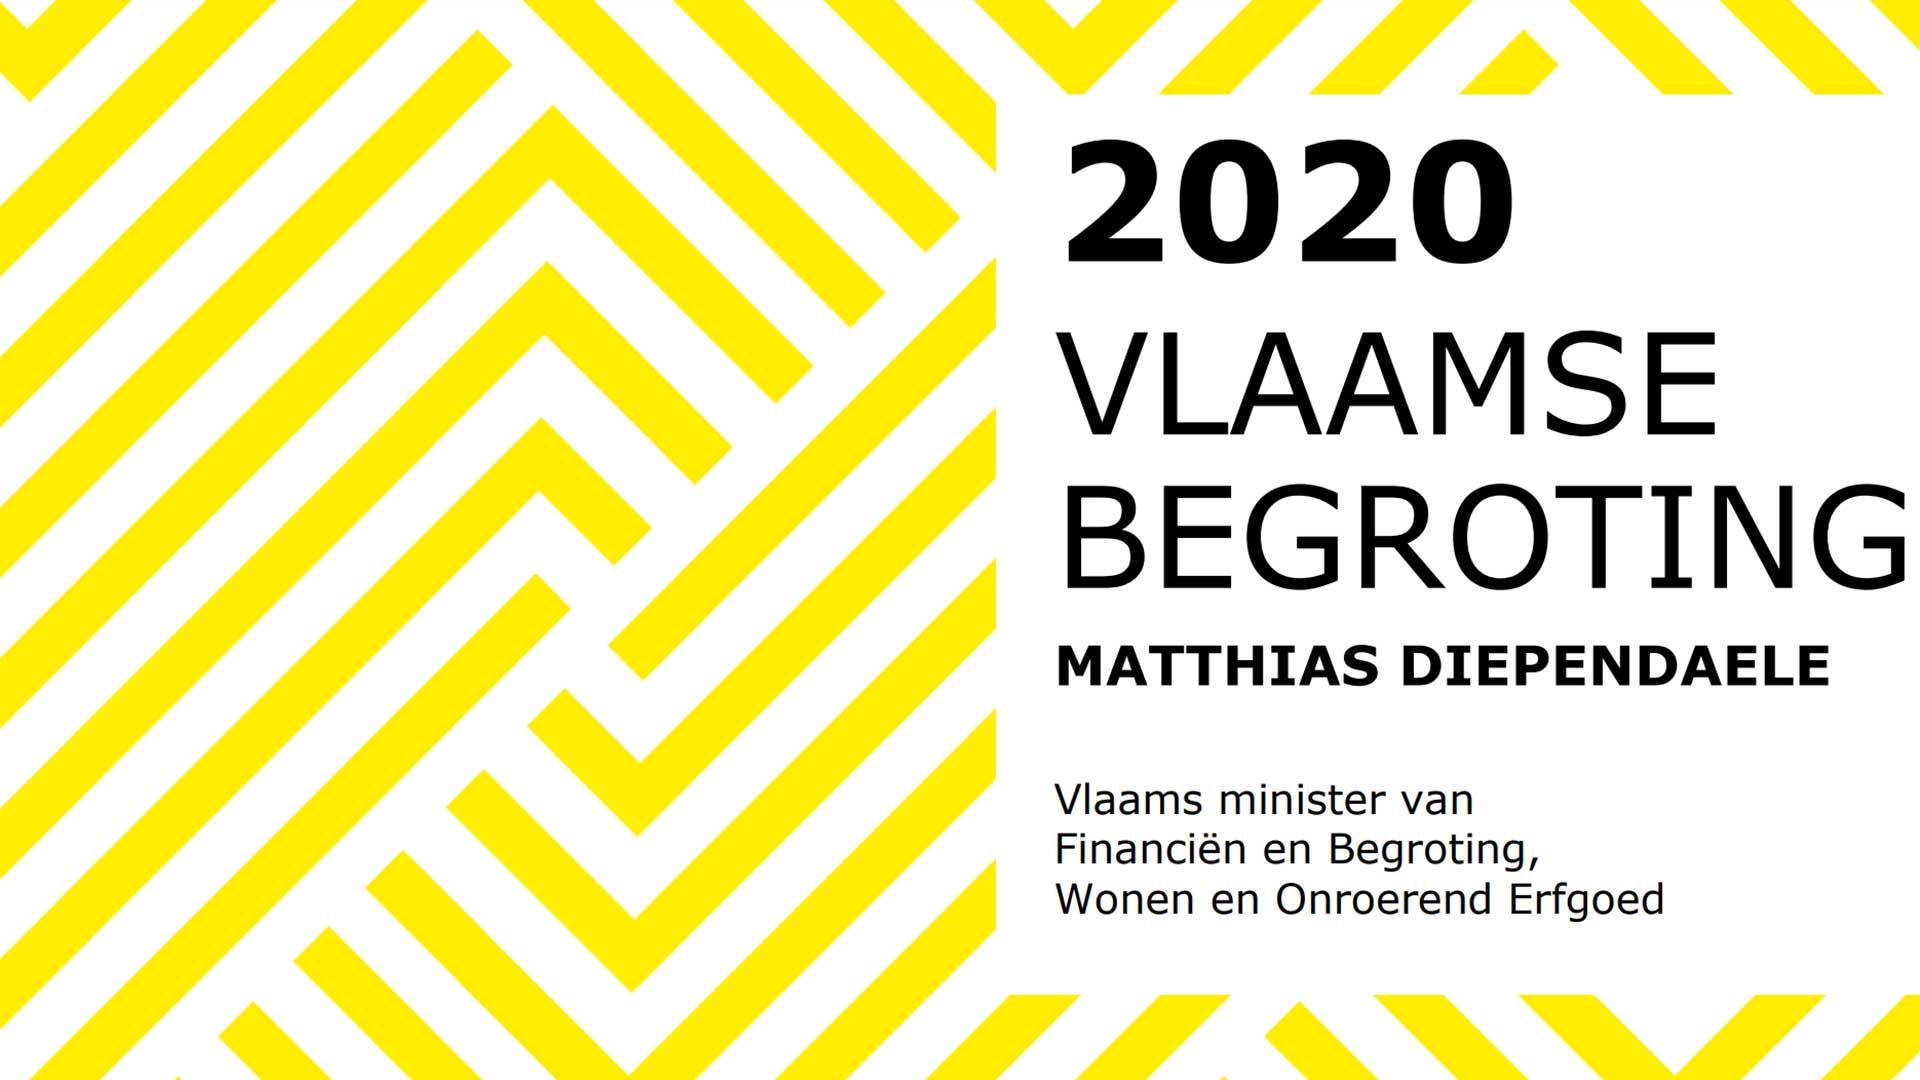 Meerjarenraming 2020 - 2024